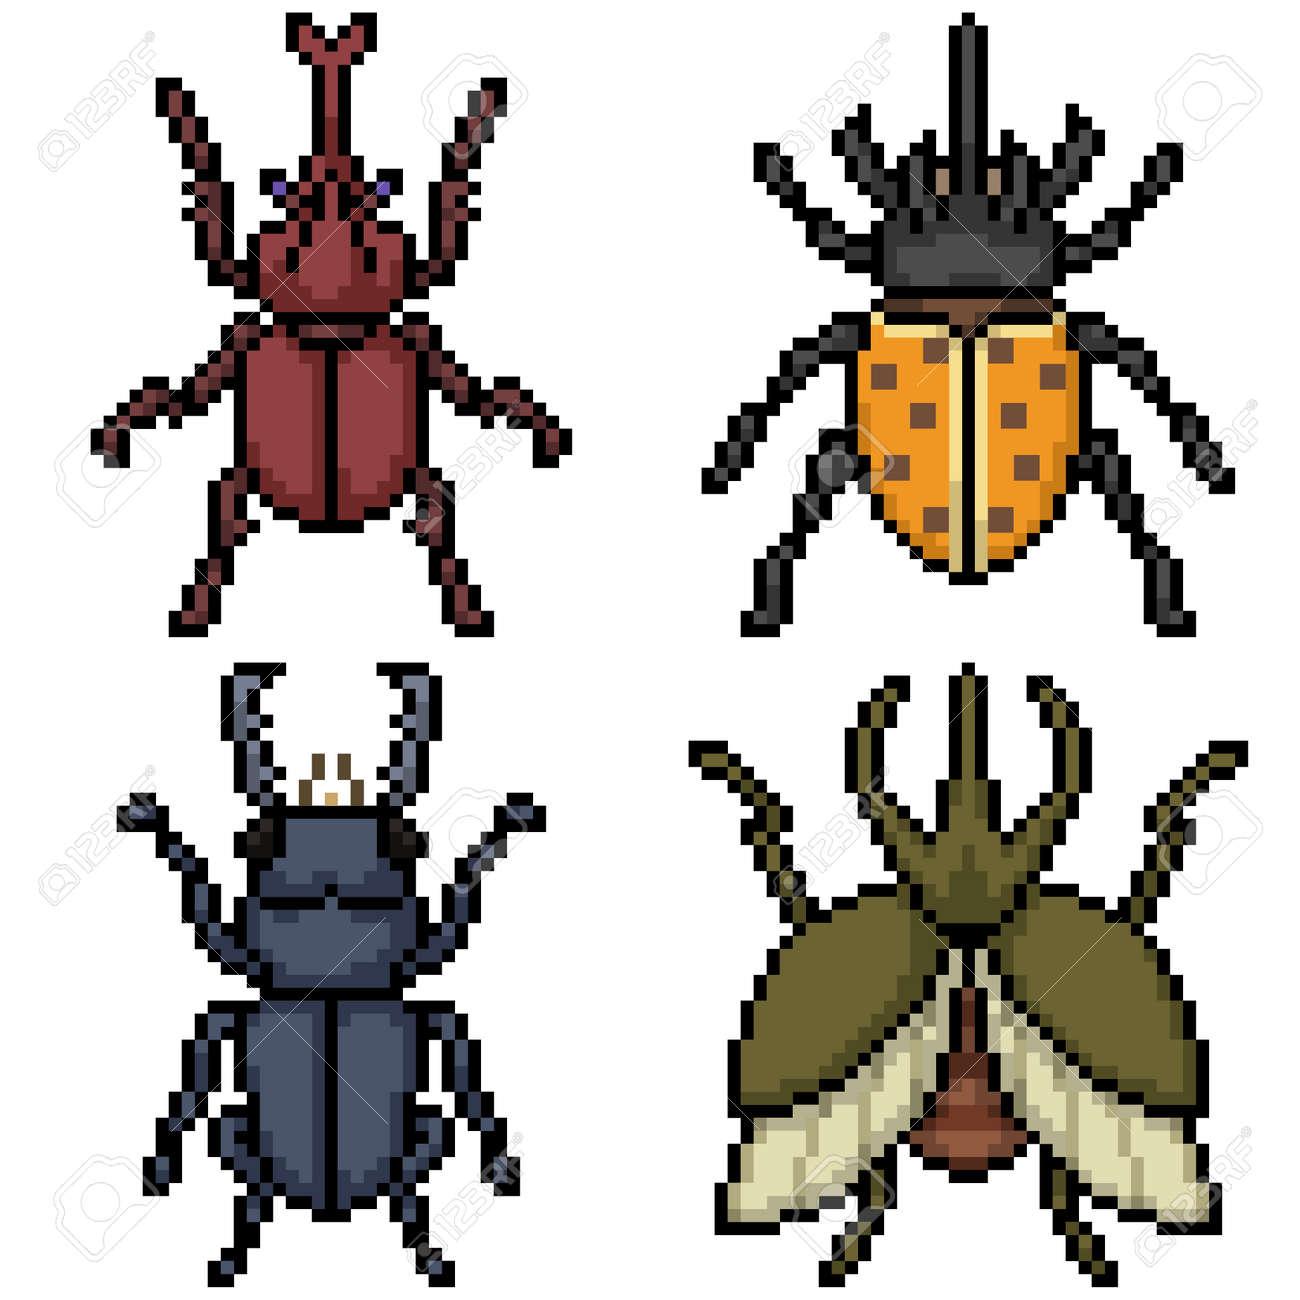 pixel art of beetle top view - 169439819